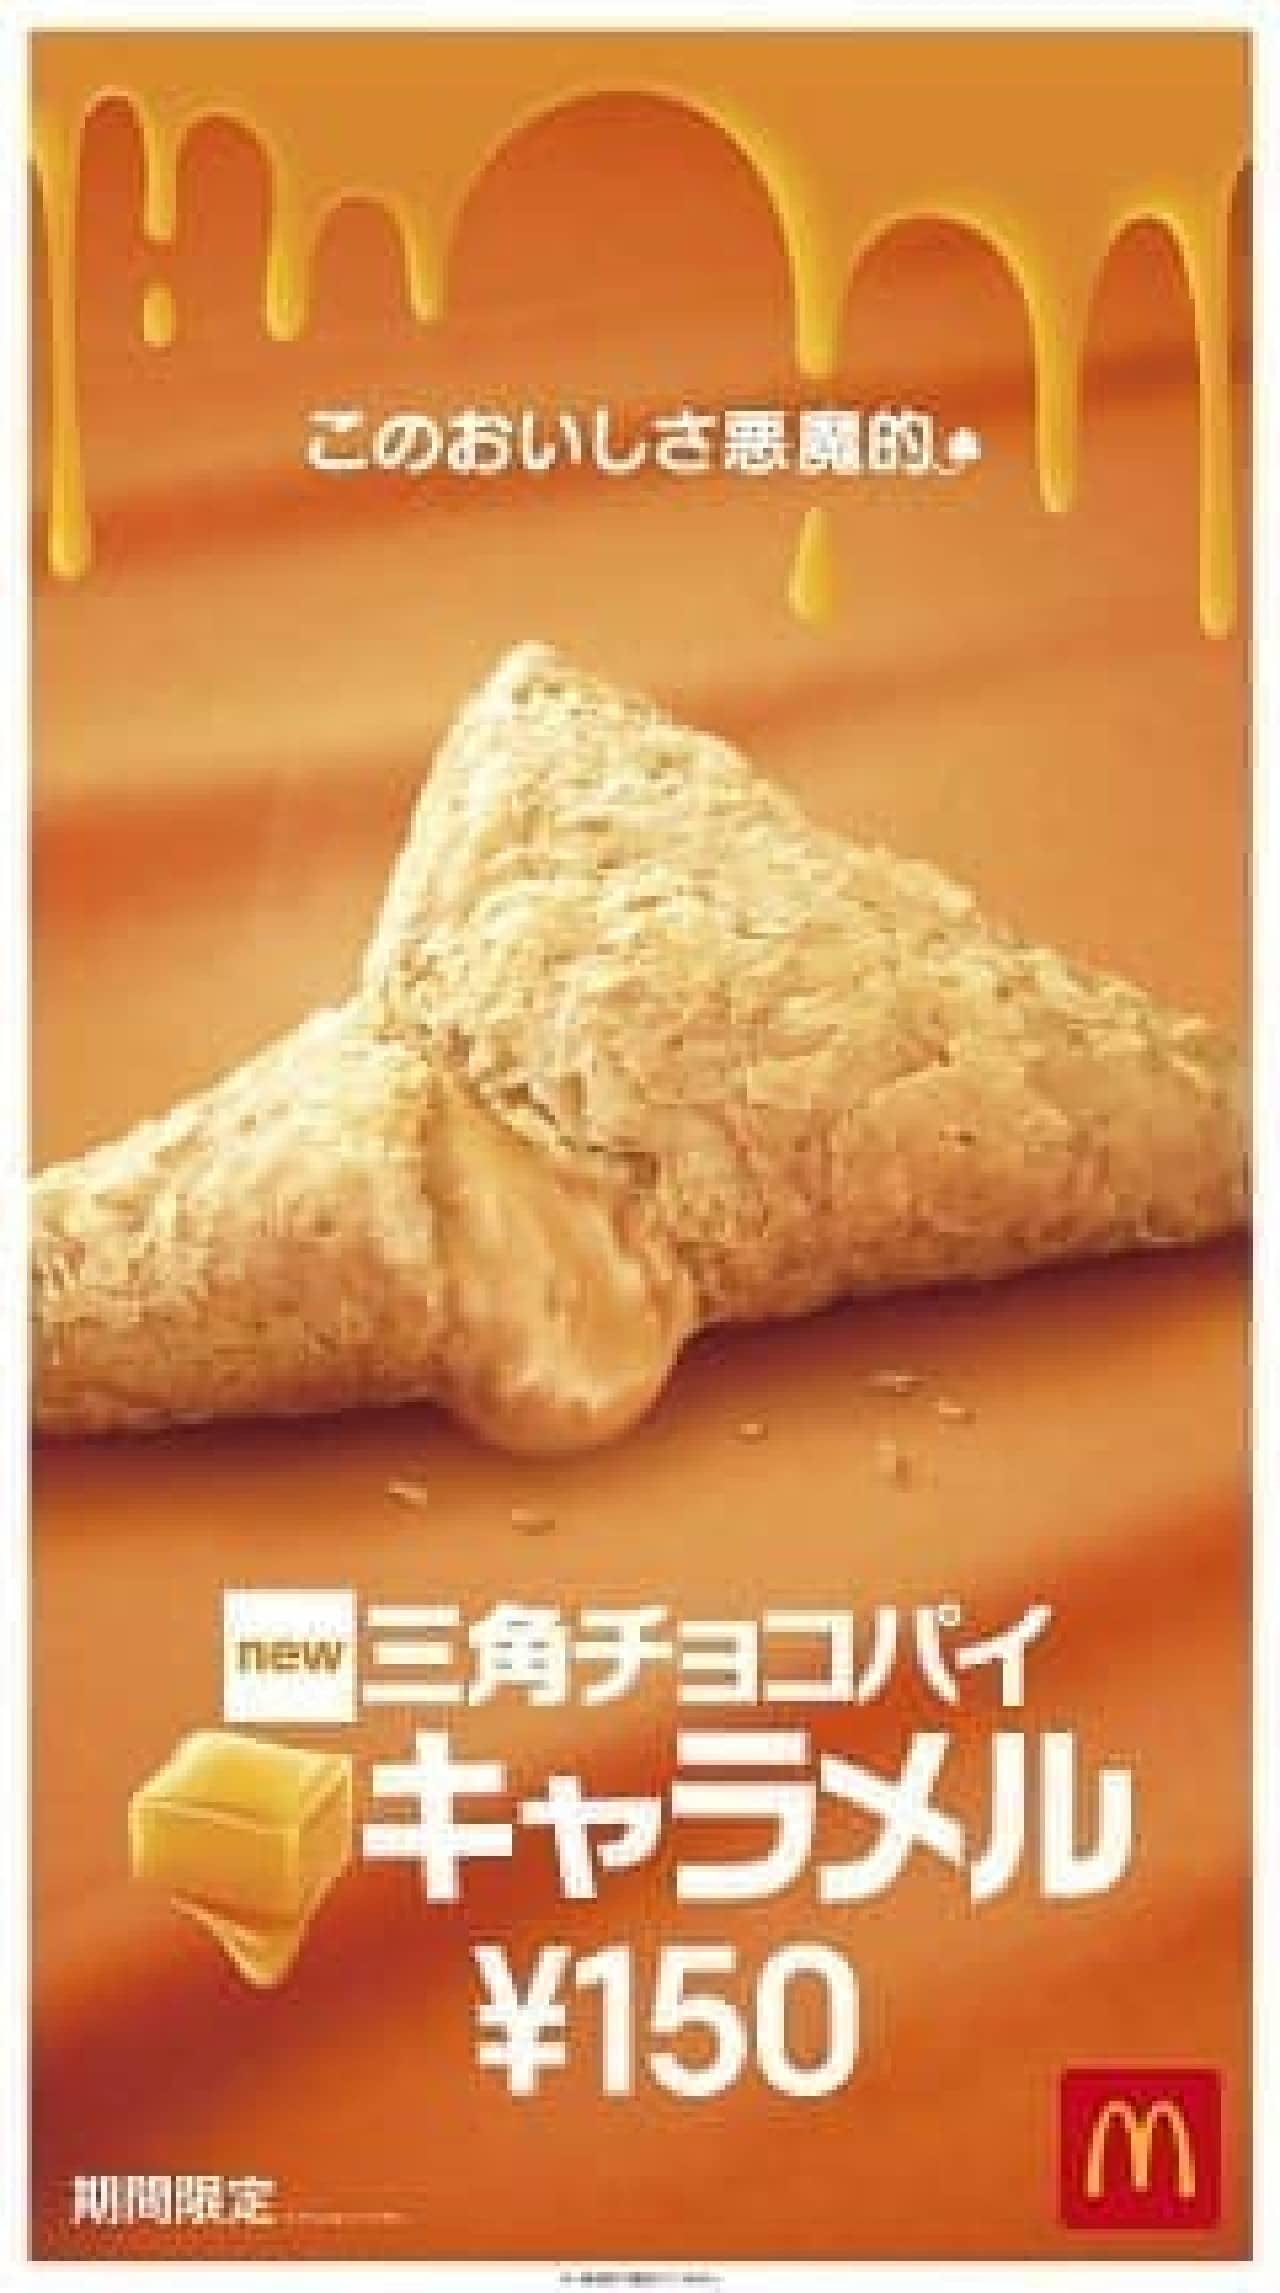 マクドナルド「三角チョコパイ キャラメル」